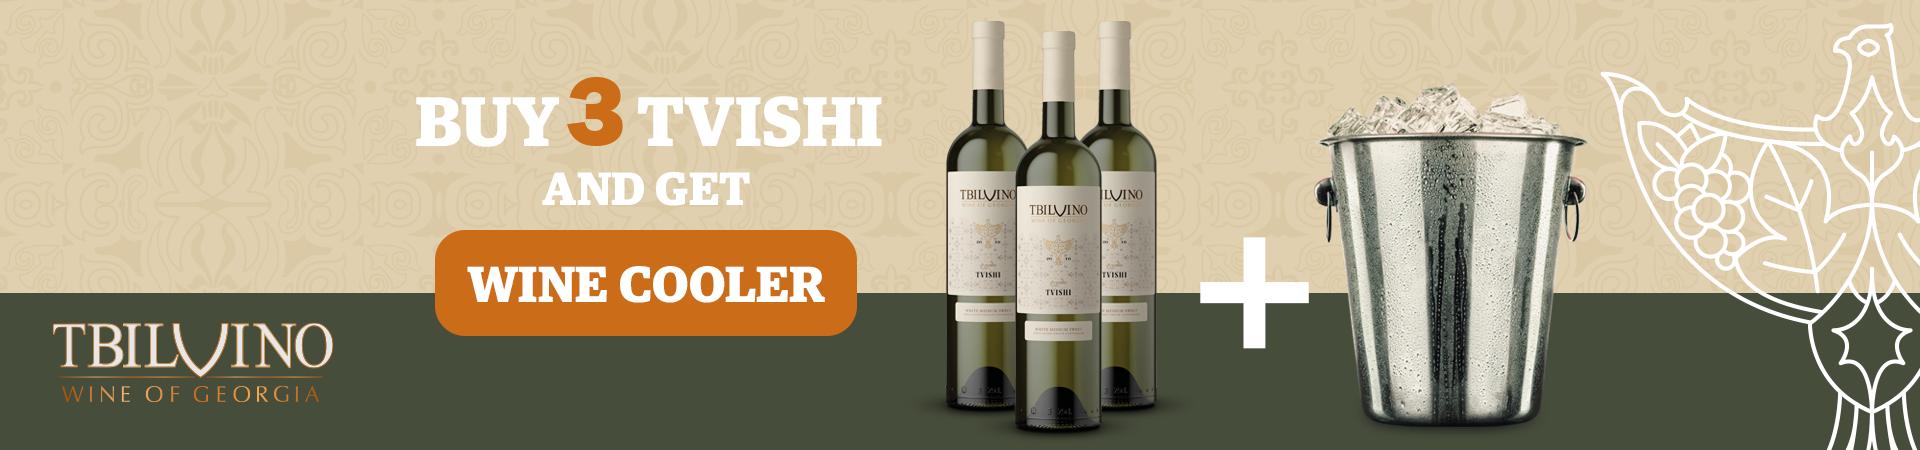 tvishi-wine-cooler-1920X450-ENG